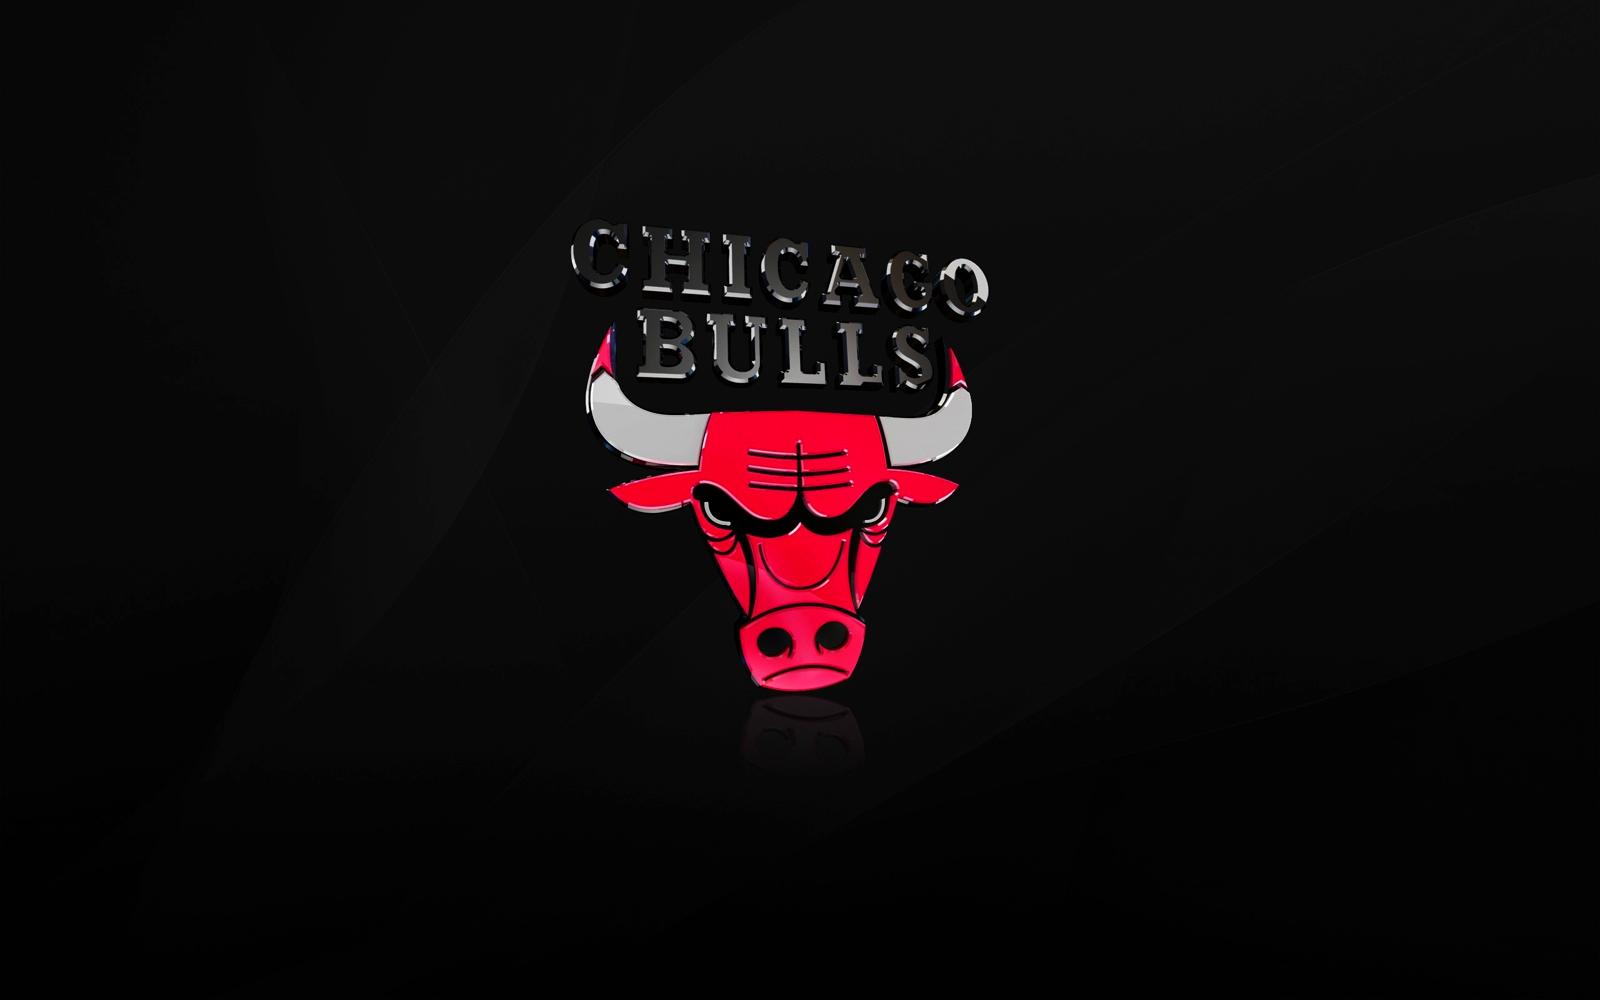 http://1.bp.blogspot.com/-KYGdKlt5wHU/UAEy4R2i0DI/AAAAAAAACsE/whsqnA3K4oY/s1600/Chicago_Bulls_Logo_3D_HD_Wallpaper-Vvallpaper.Net.jpg